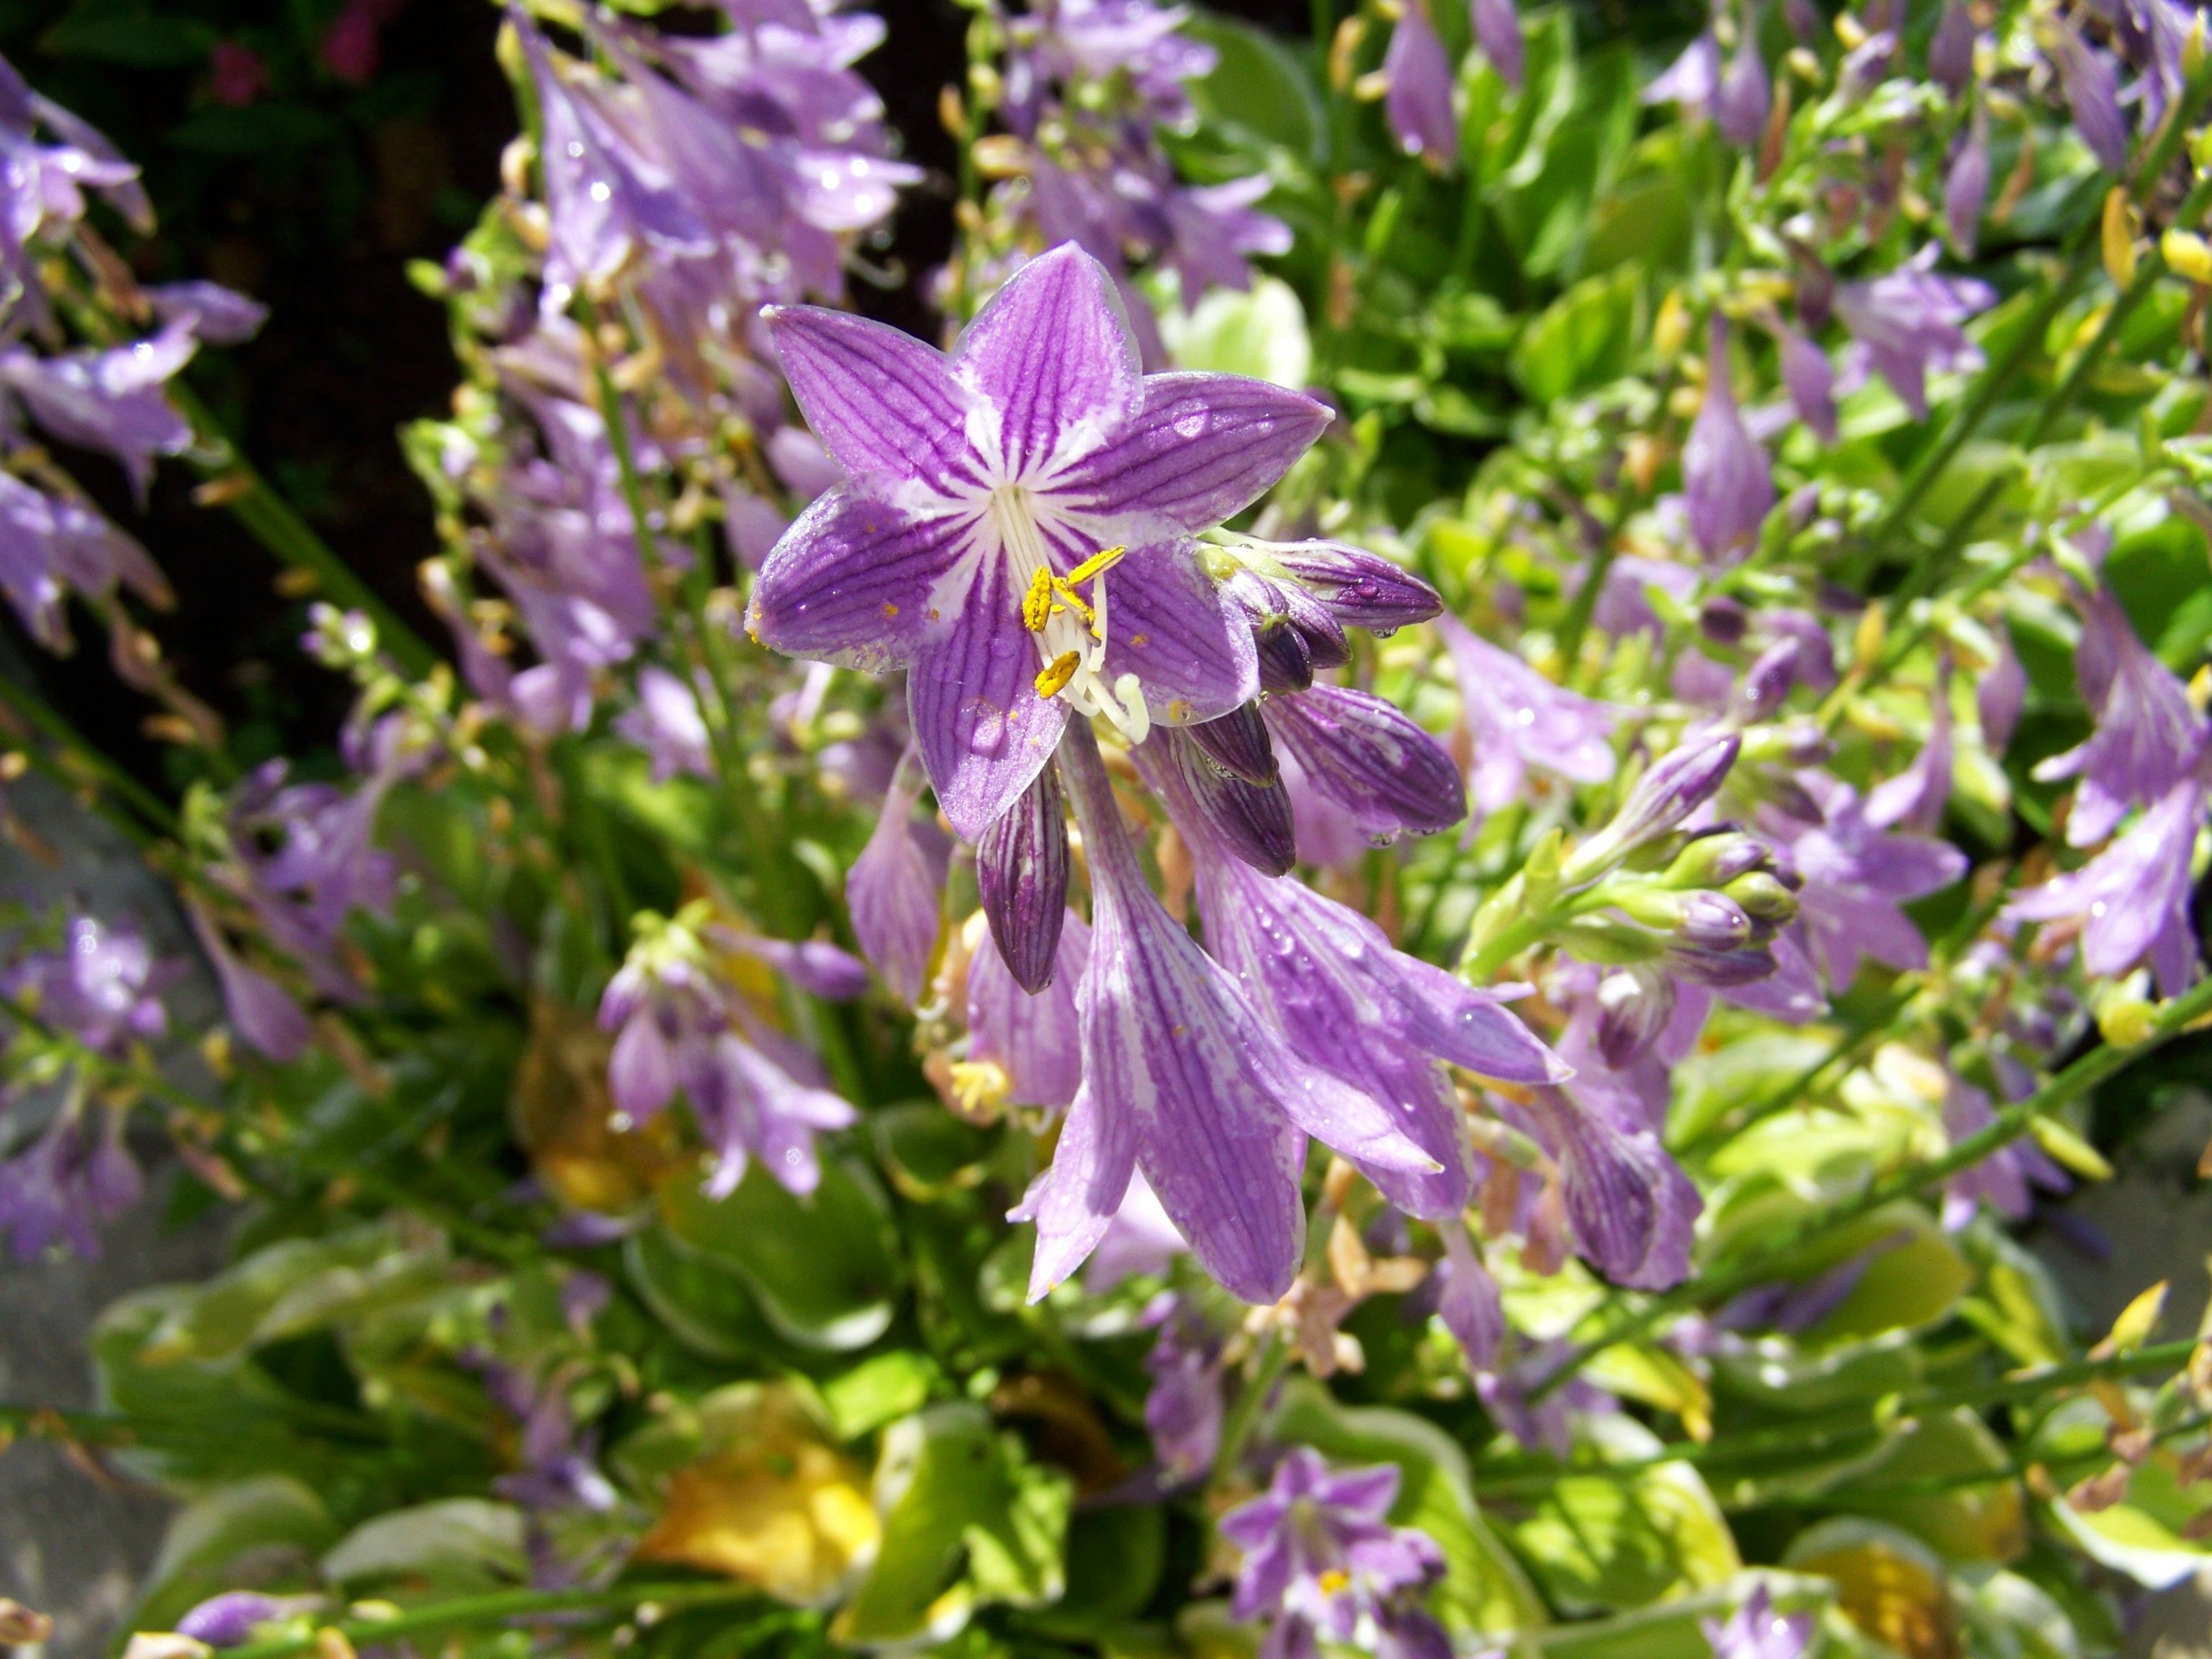 Images Gratuites : botanique, flore, Fleur sauvage, jardin de fleurs ...